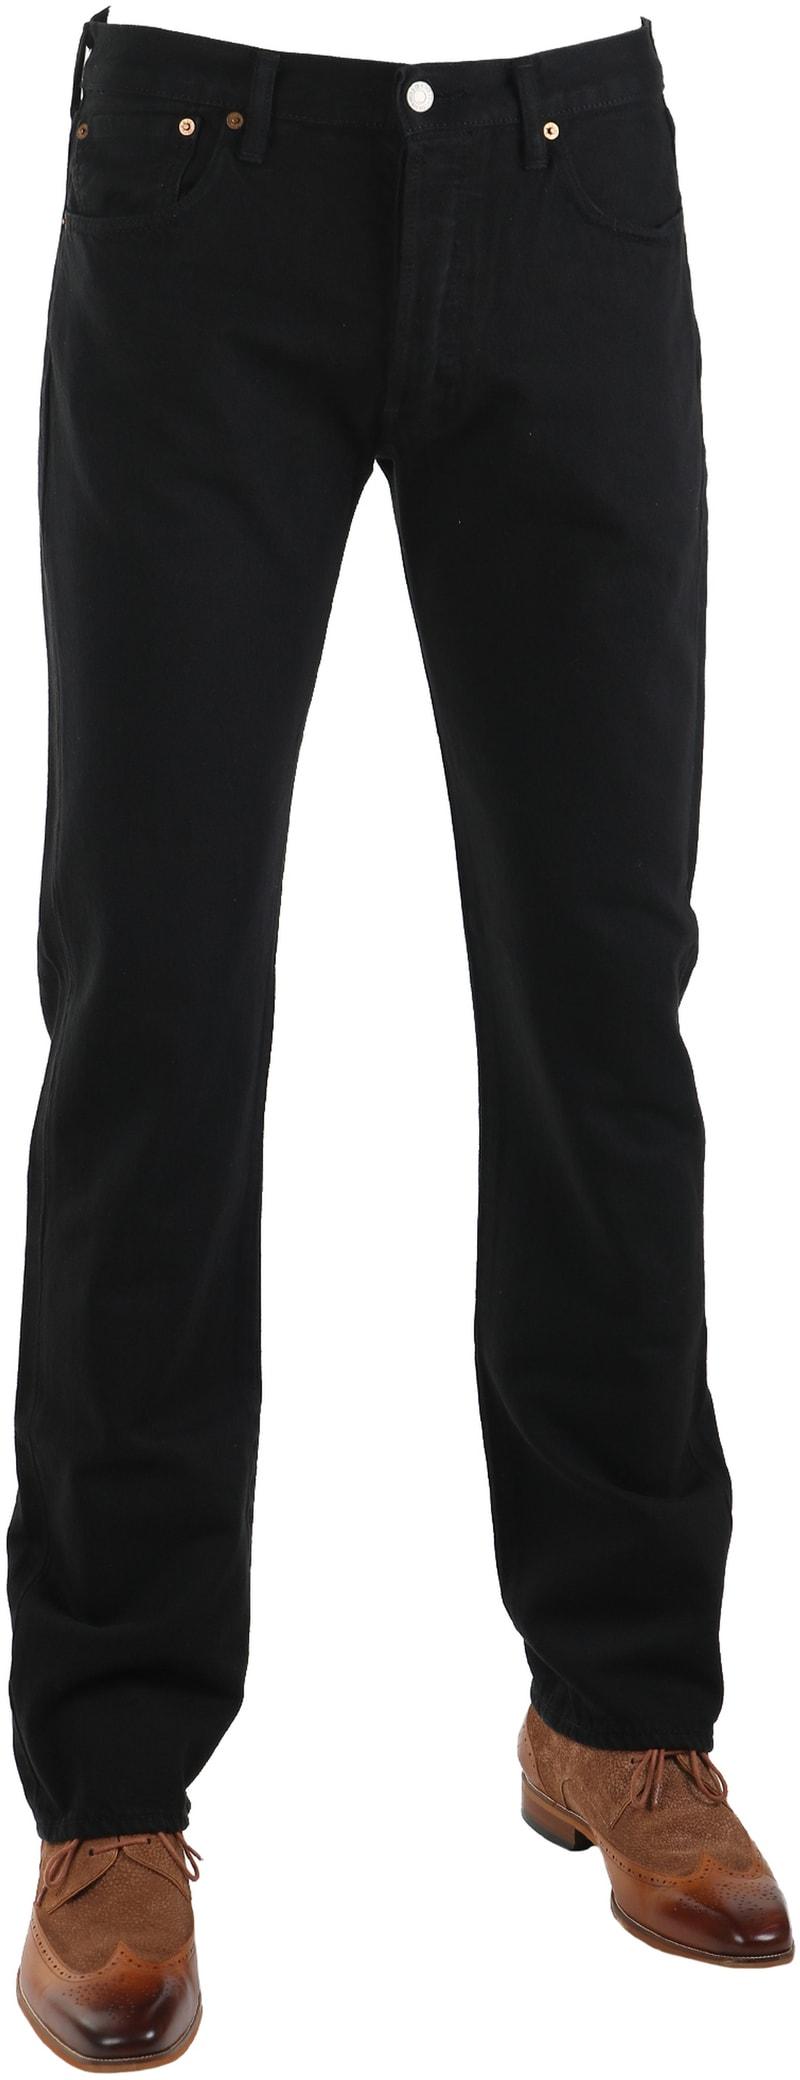 Levi's 501 Jeans Original Fit Black 0165 photo 0